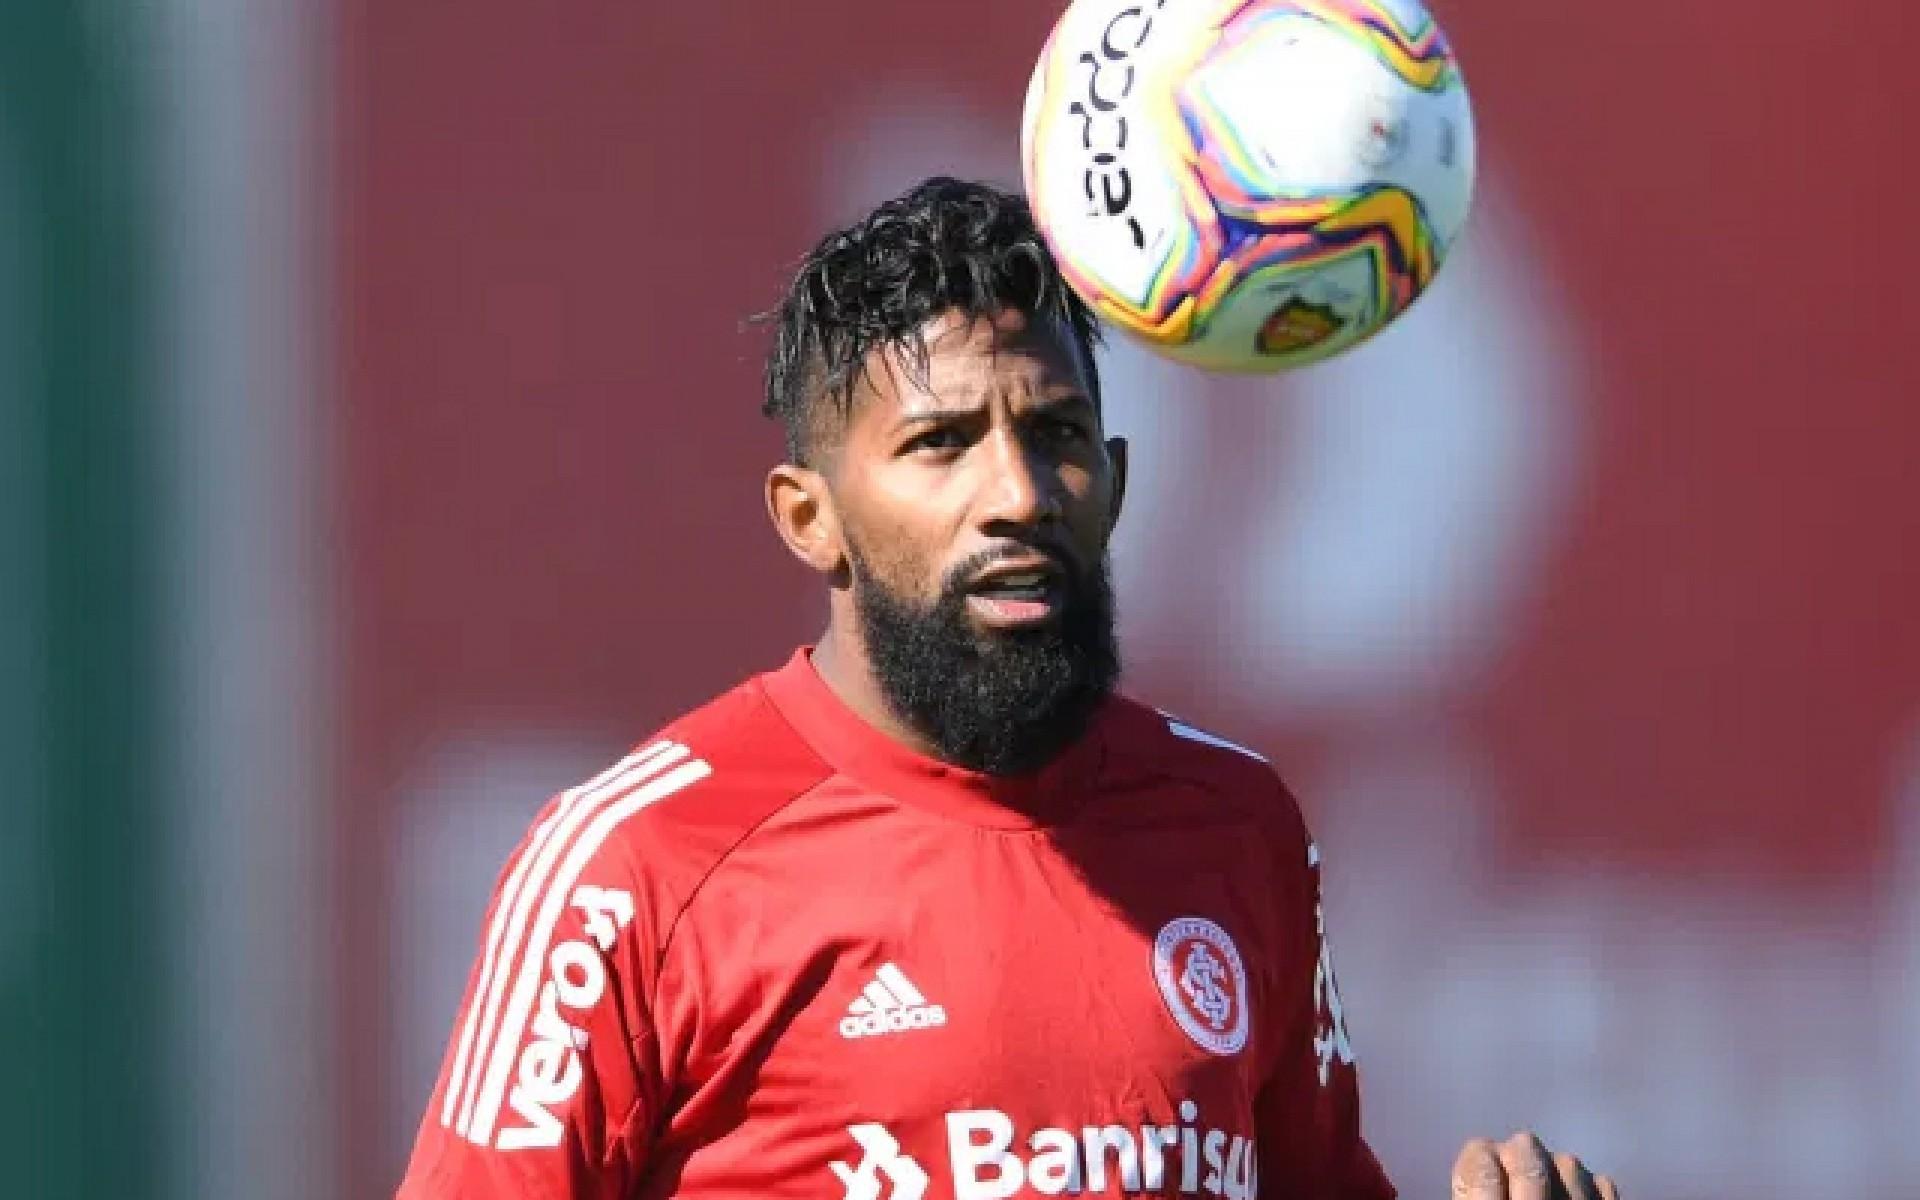 Rodinei, lateral do Internacional, foi expulso diante do Flamengo em jogo decisivo do Brasileirão 2020